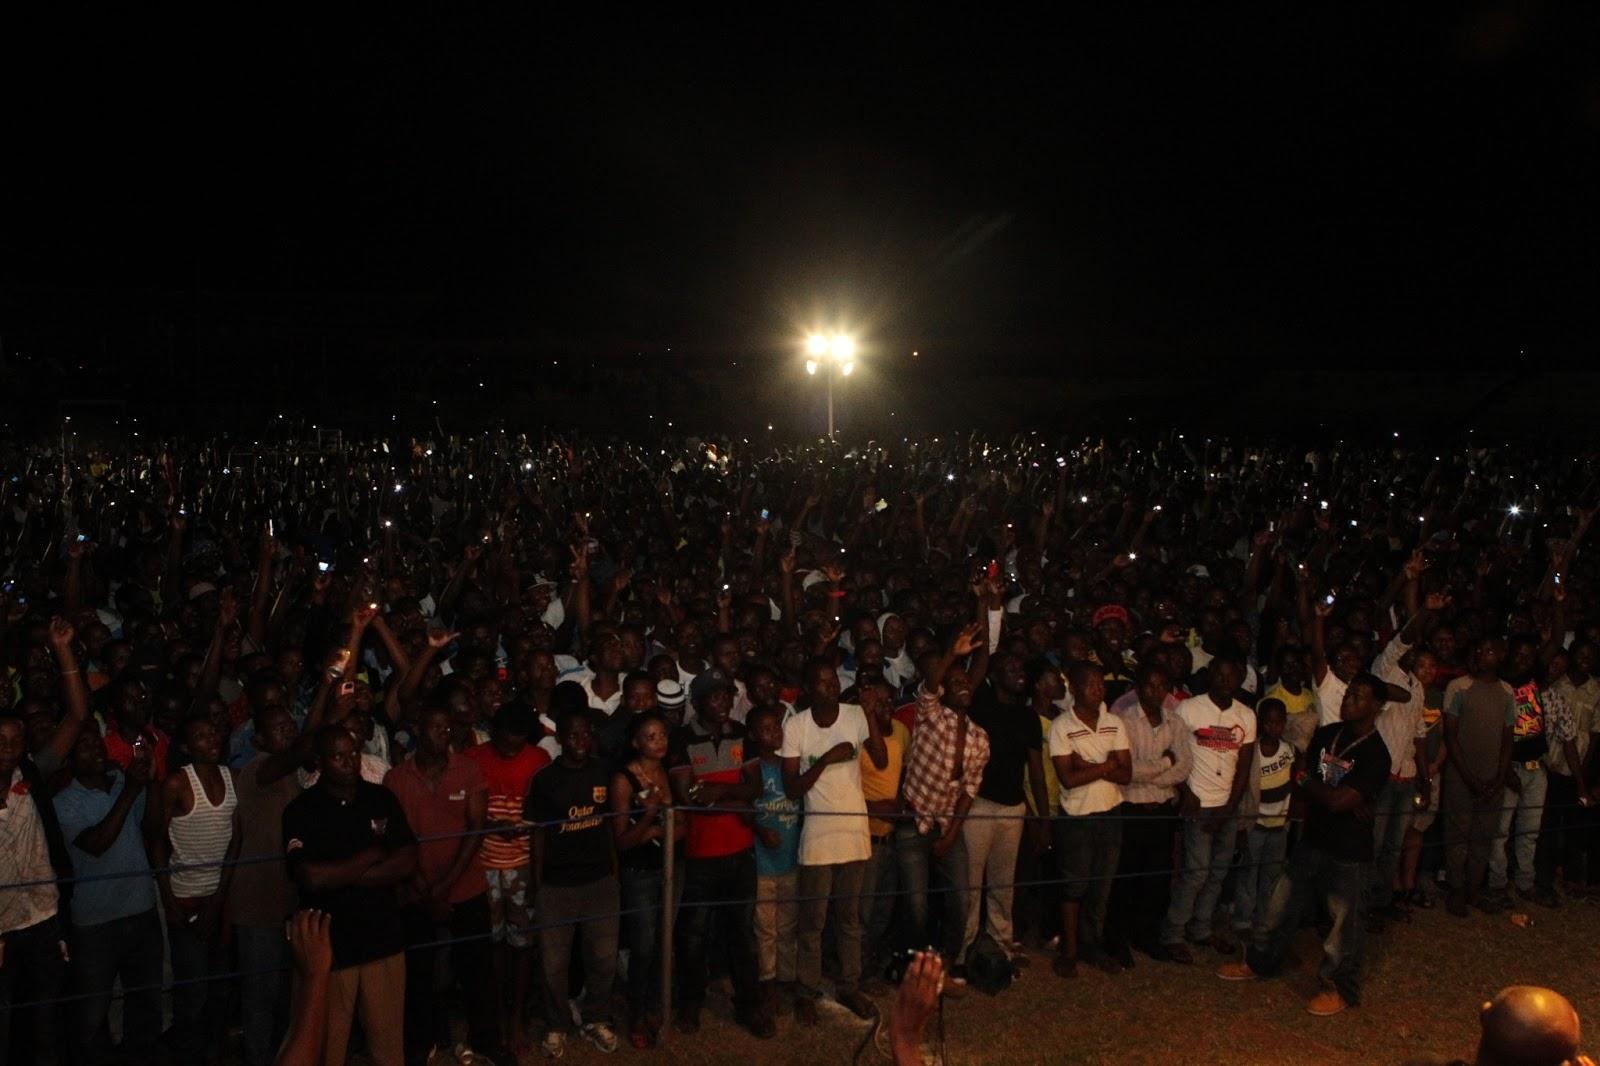 Picha utupu wasanii mbalimbali kibongo hizi hapa